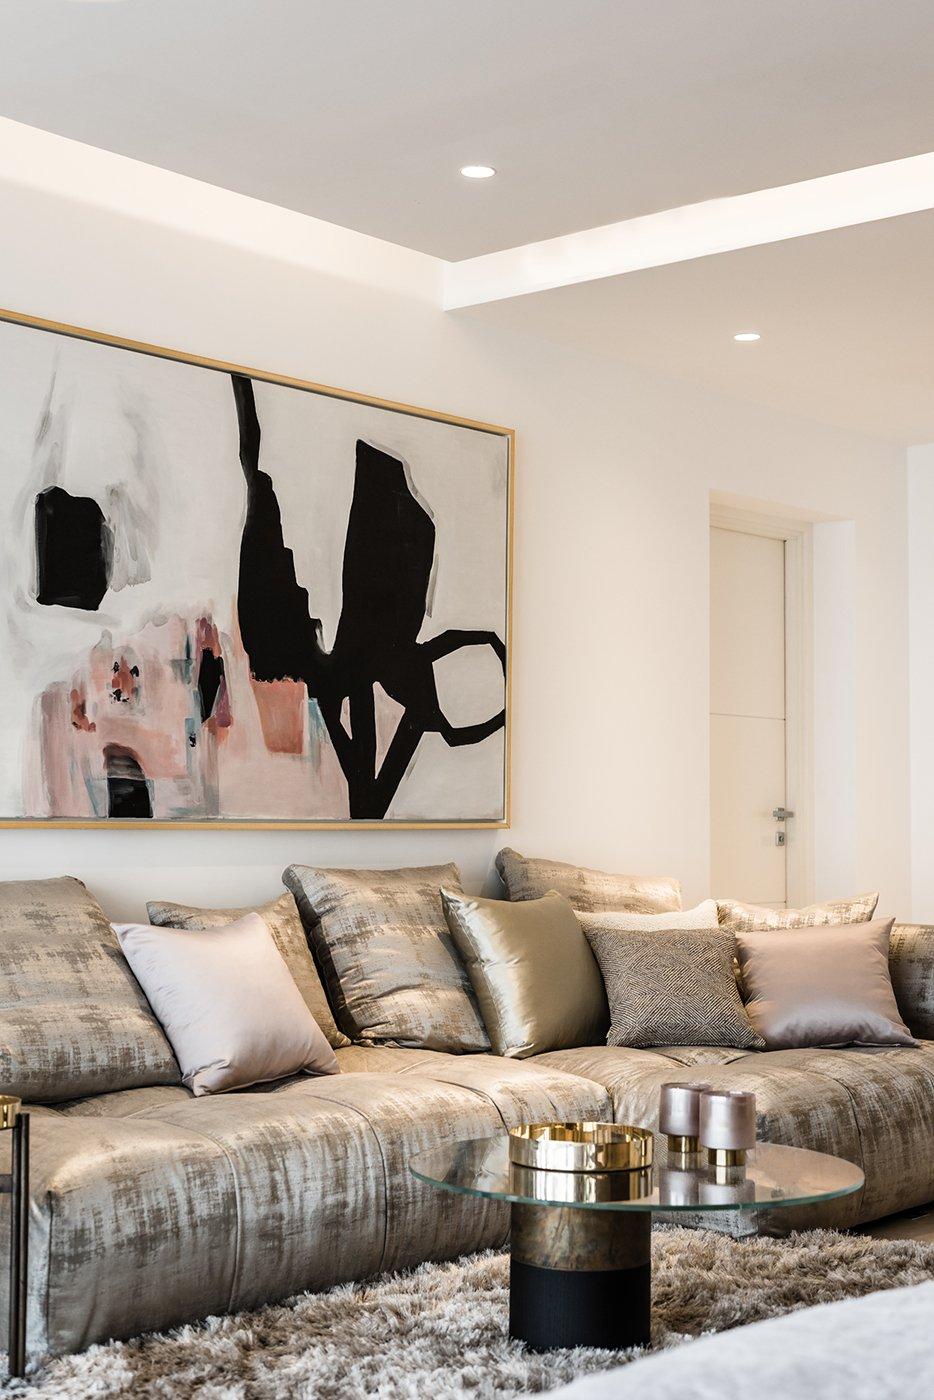 la-perla-blanca-ambience-home-design-62